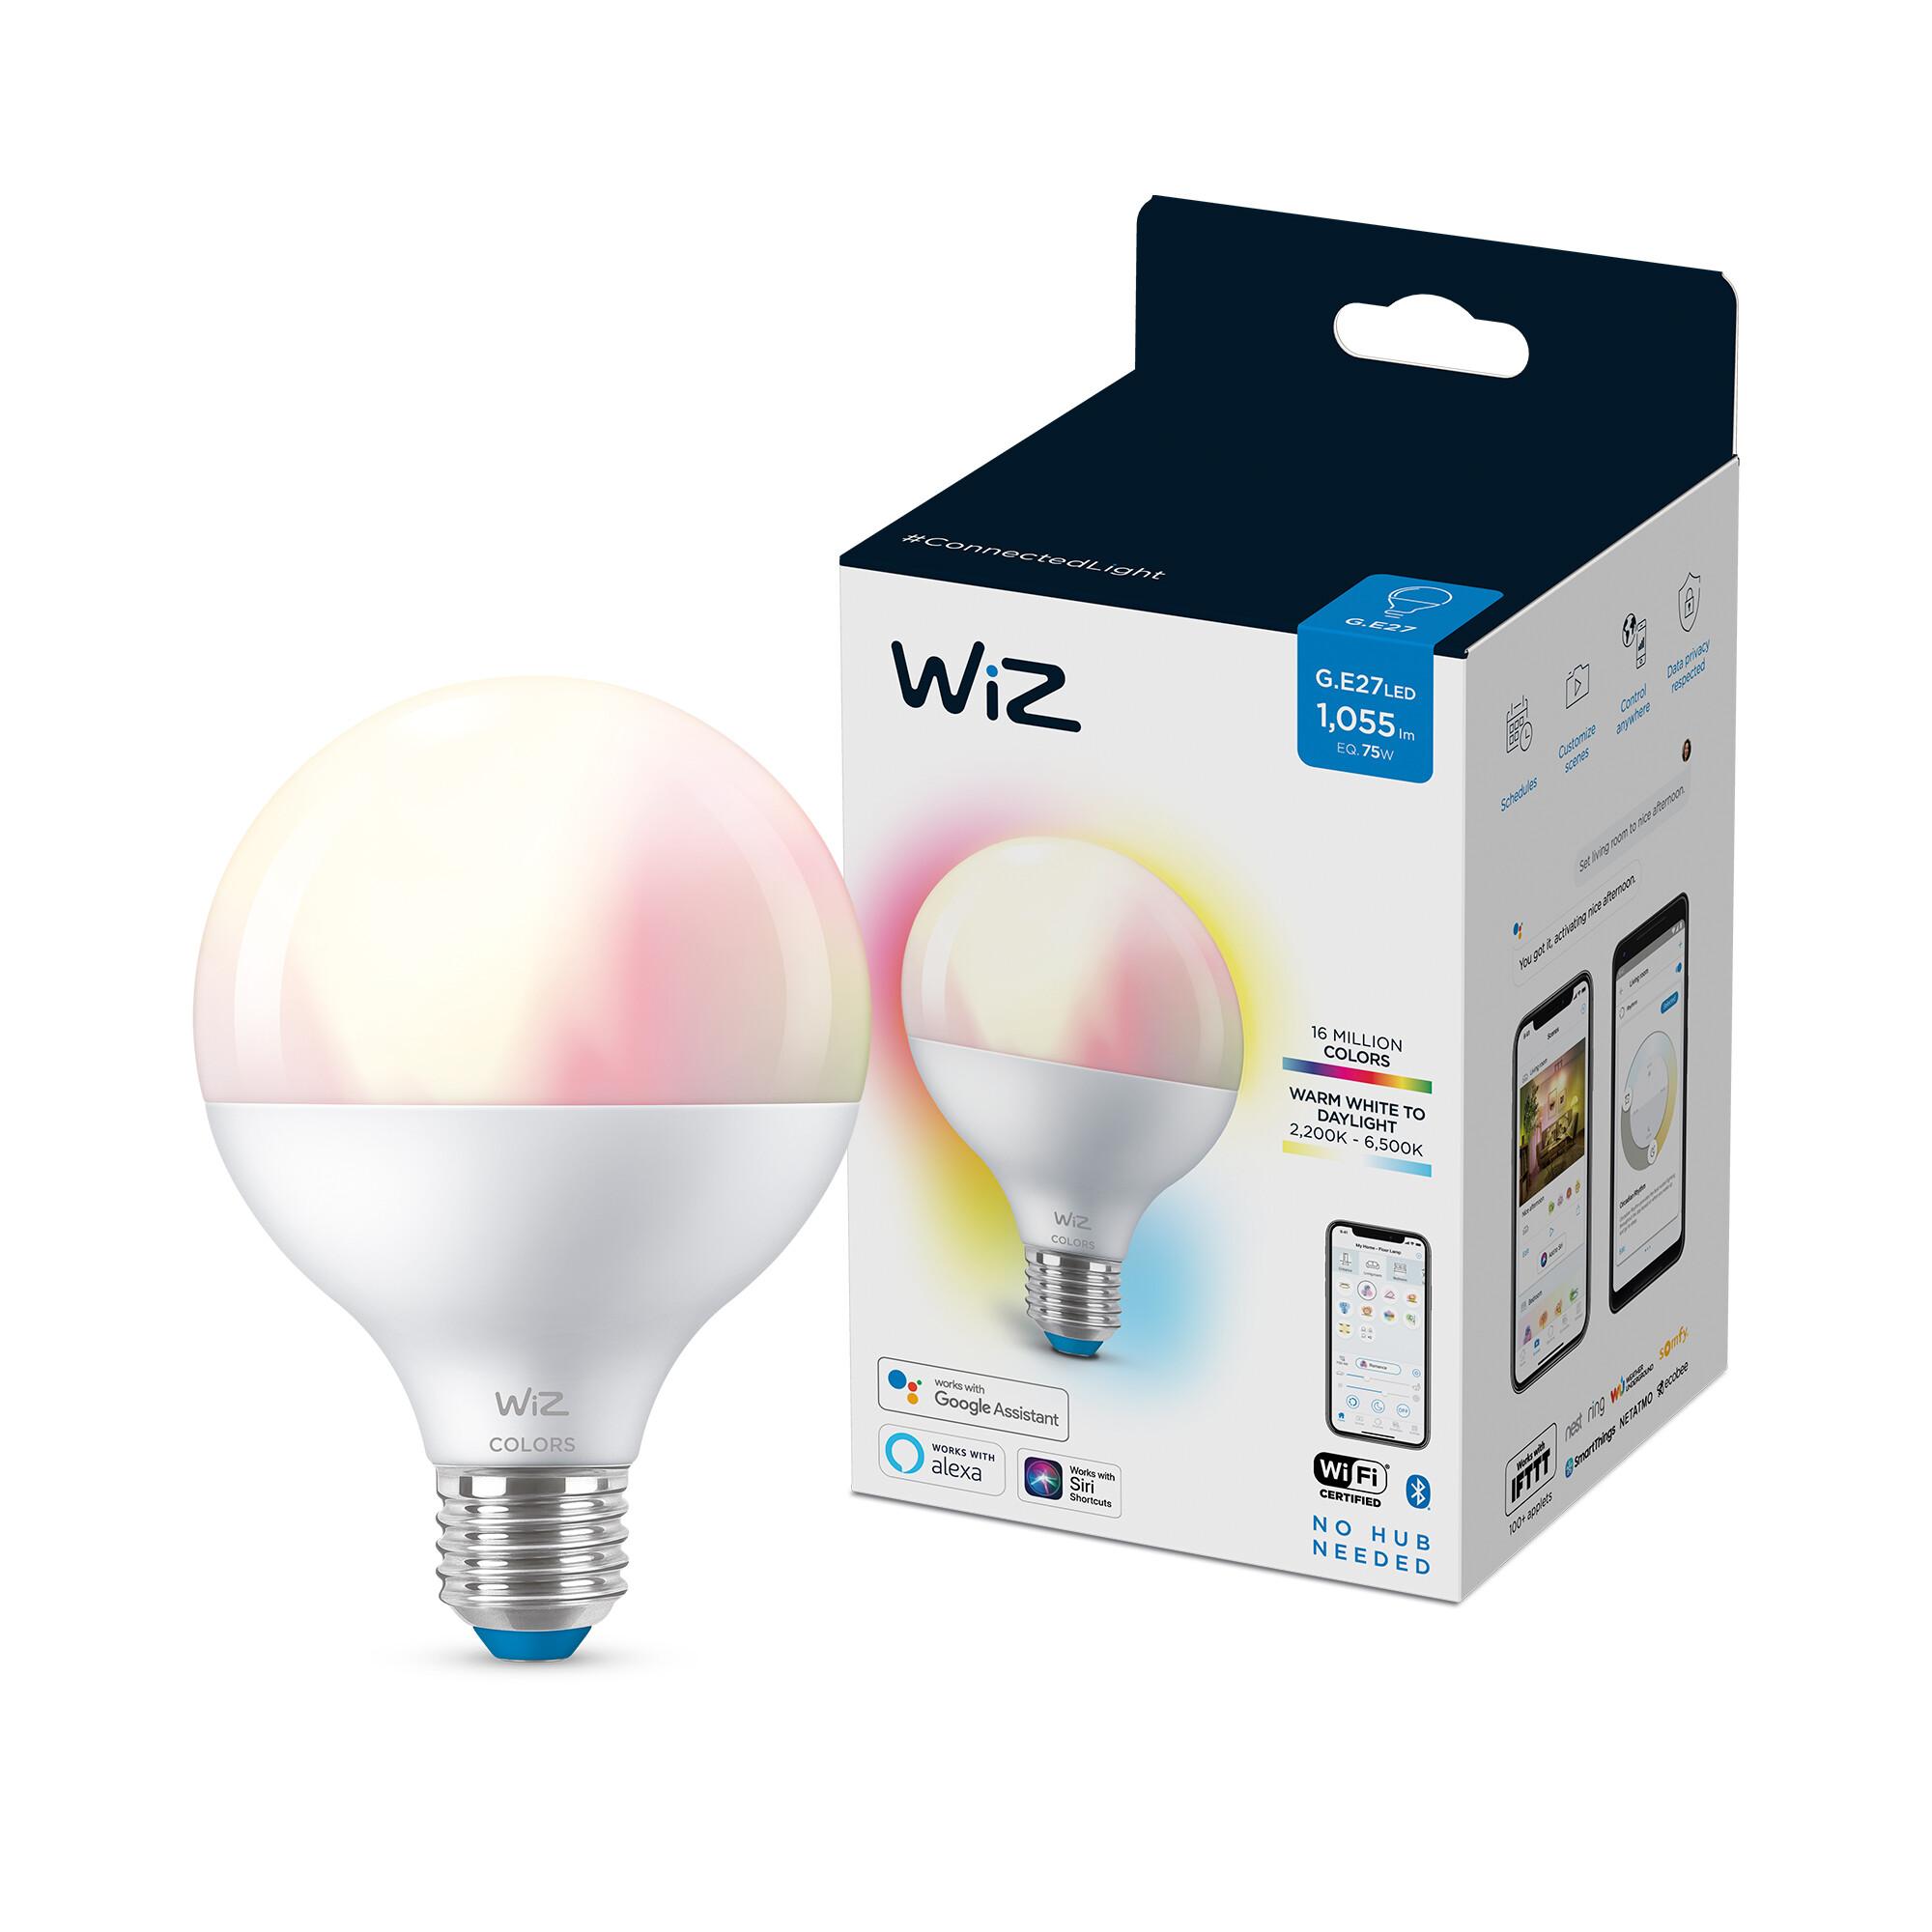 WiZ E27 75W 1055lm 2200K-6500K Globe Frosted